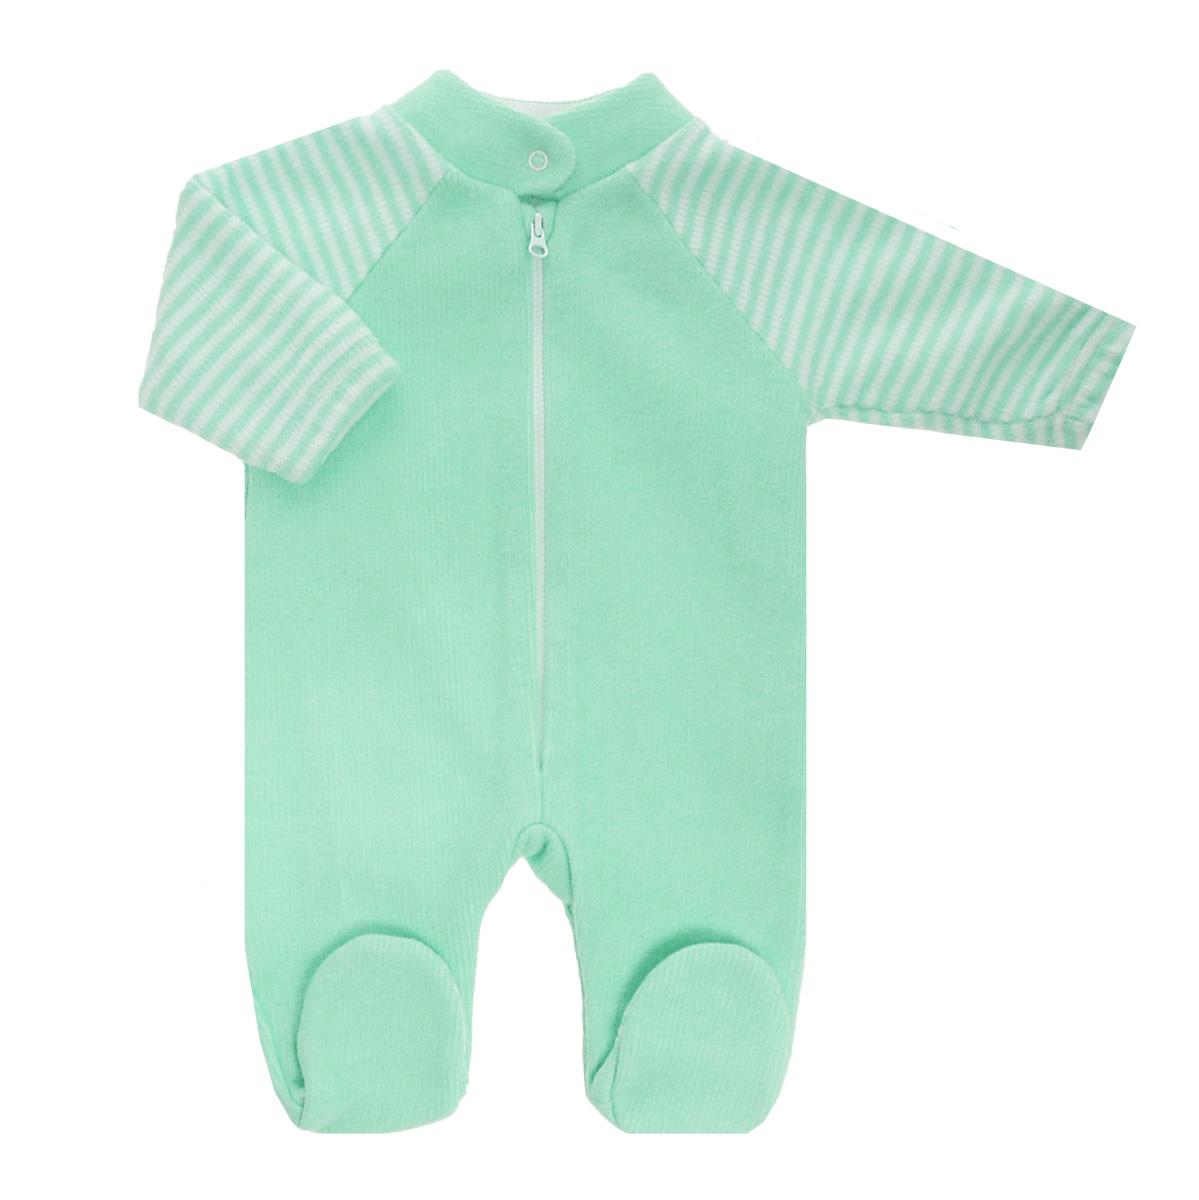 Комбинезон детский Lucky Child, цвет: зеленый, белая полоска. 4-14. Размер 68/744-14Детский вязаный комбинезон Lucky Child - очень удобный и практичный вид одежды для малышей. Комбинезон выполнен из натурального хлопка, на подкладке также используется натуральный хлопок, благодаря чему он необычайно мягкий и приятный на ощупь, не раздражают нежную кожу ребенка и хорошо вентилируются, а эластичные швы приятны телу малыша и не препятствуют его движениям. Комбинезон с воротником-стойкой, длинными рукавами-реглан и закрытыми ножками имеет пластиковую застежку-молнию по центру, которая помогает легко переодеть младенца. Воротничок застегивается на металлическую кнопку. Рукава понизу дополнены неширокими эластичными манжетами, не перетягивающими запястья. С детским комбинезоном Lucky Child спинка и ножки вашего малыша всегда будут в тепле. Комбинезон полностью соответствует особенностям жизни младенца в ранний период, не стесняя и не ограничивая его в движениях!